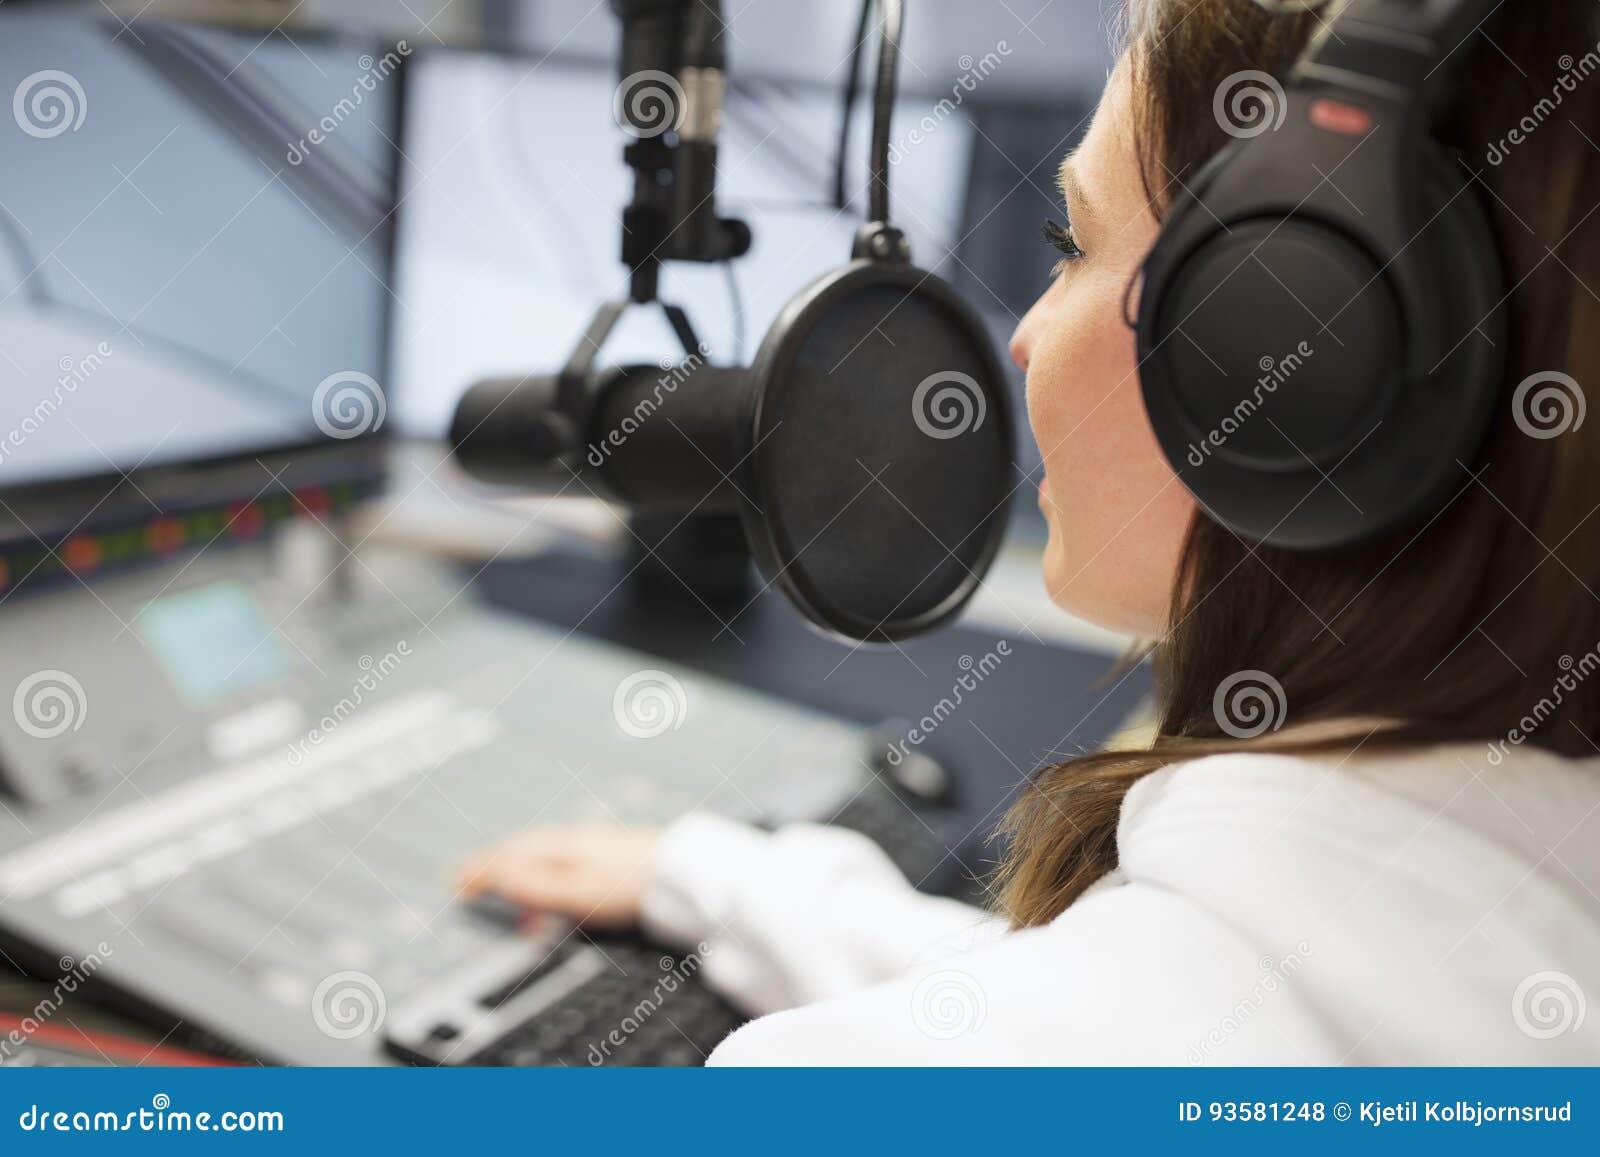 Puleggia tenditrice Wearing Headphones While che utilizza microfono nello studio radiofonico